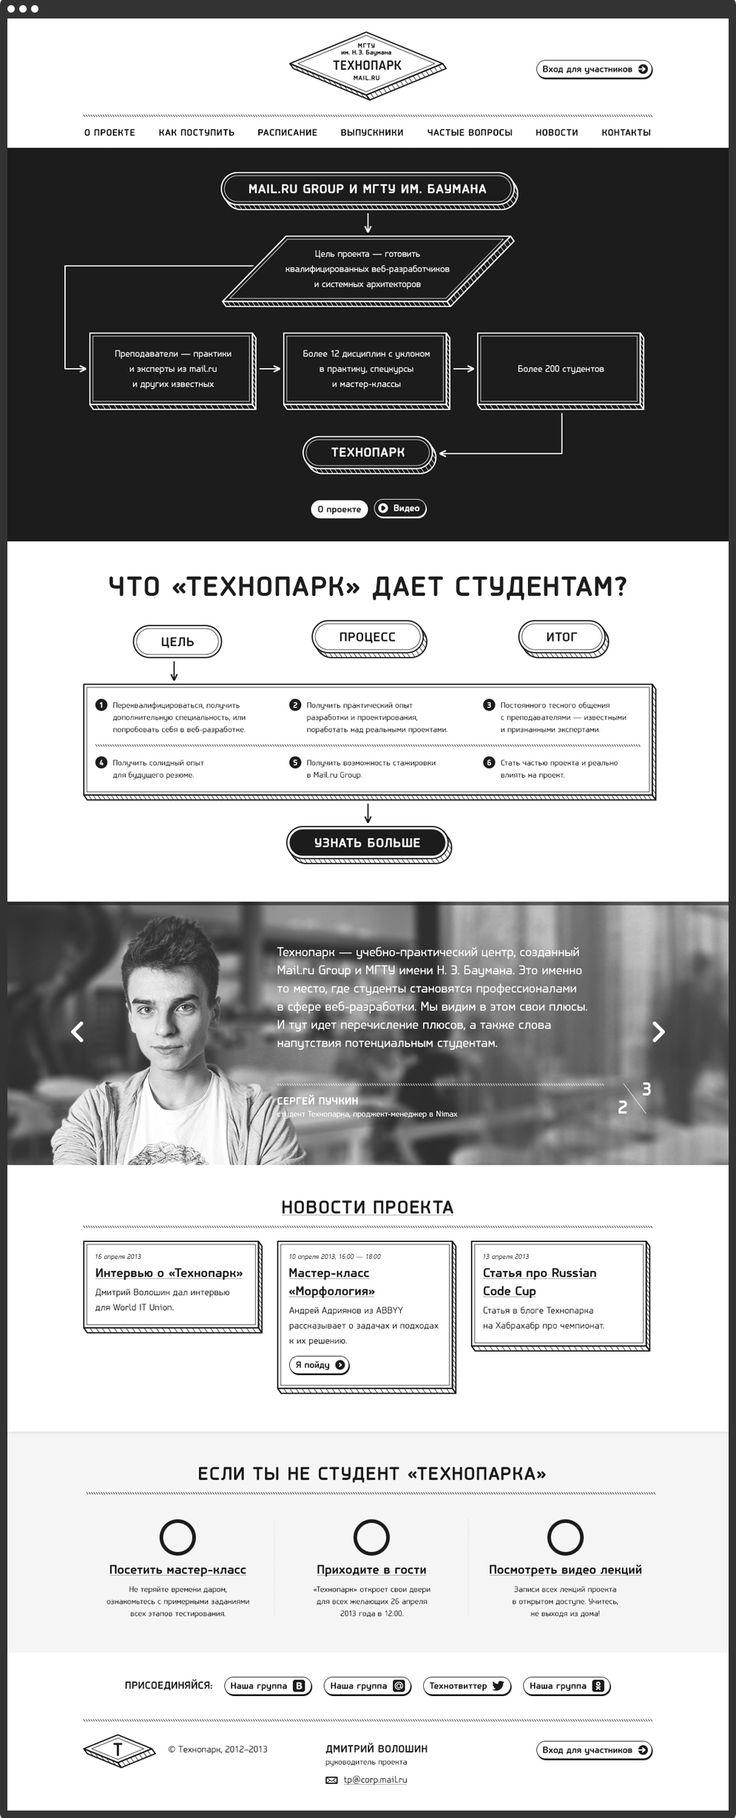 Комплексный проект от Nimax и Science: разработка фирменного стиля и информативного сайта для студентов и аспирантов МГТУ им. Н.Э. Баумана.